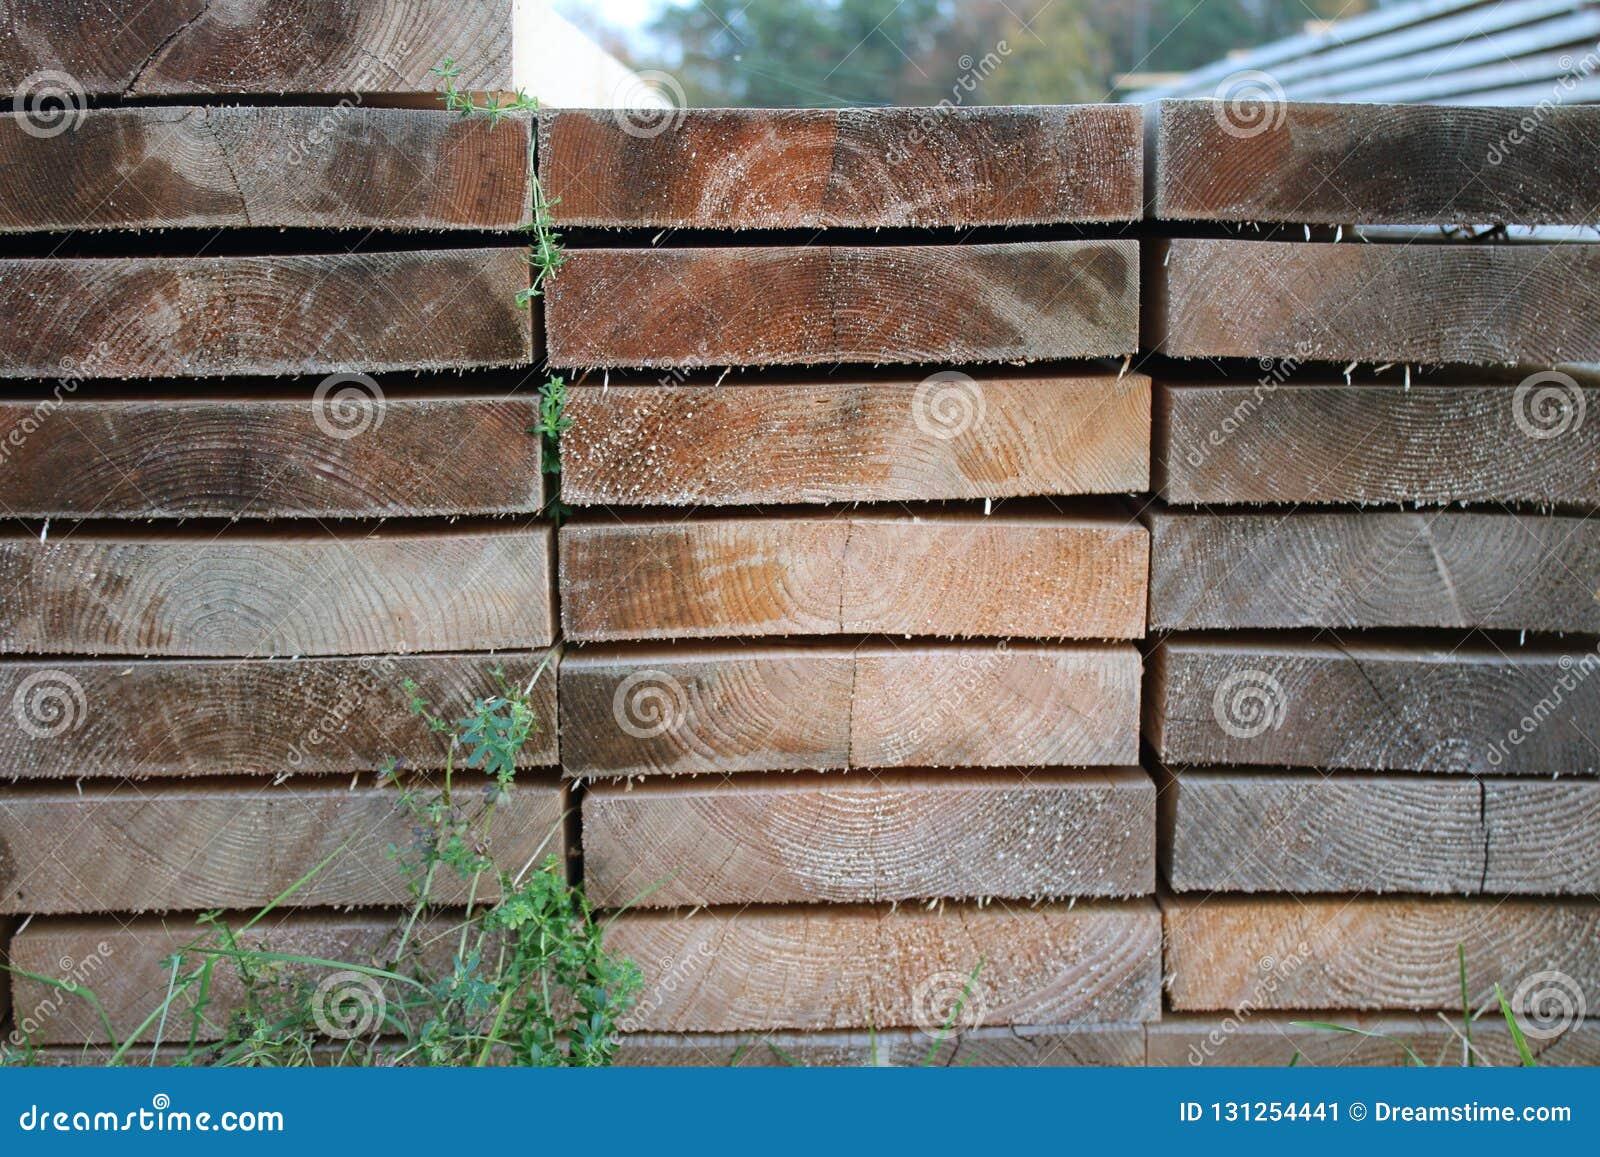 Zeer keurig geschikt hout